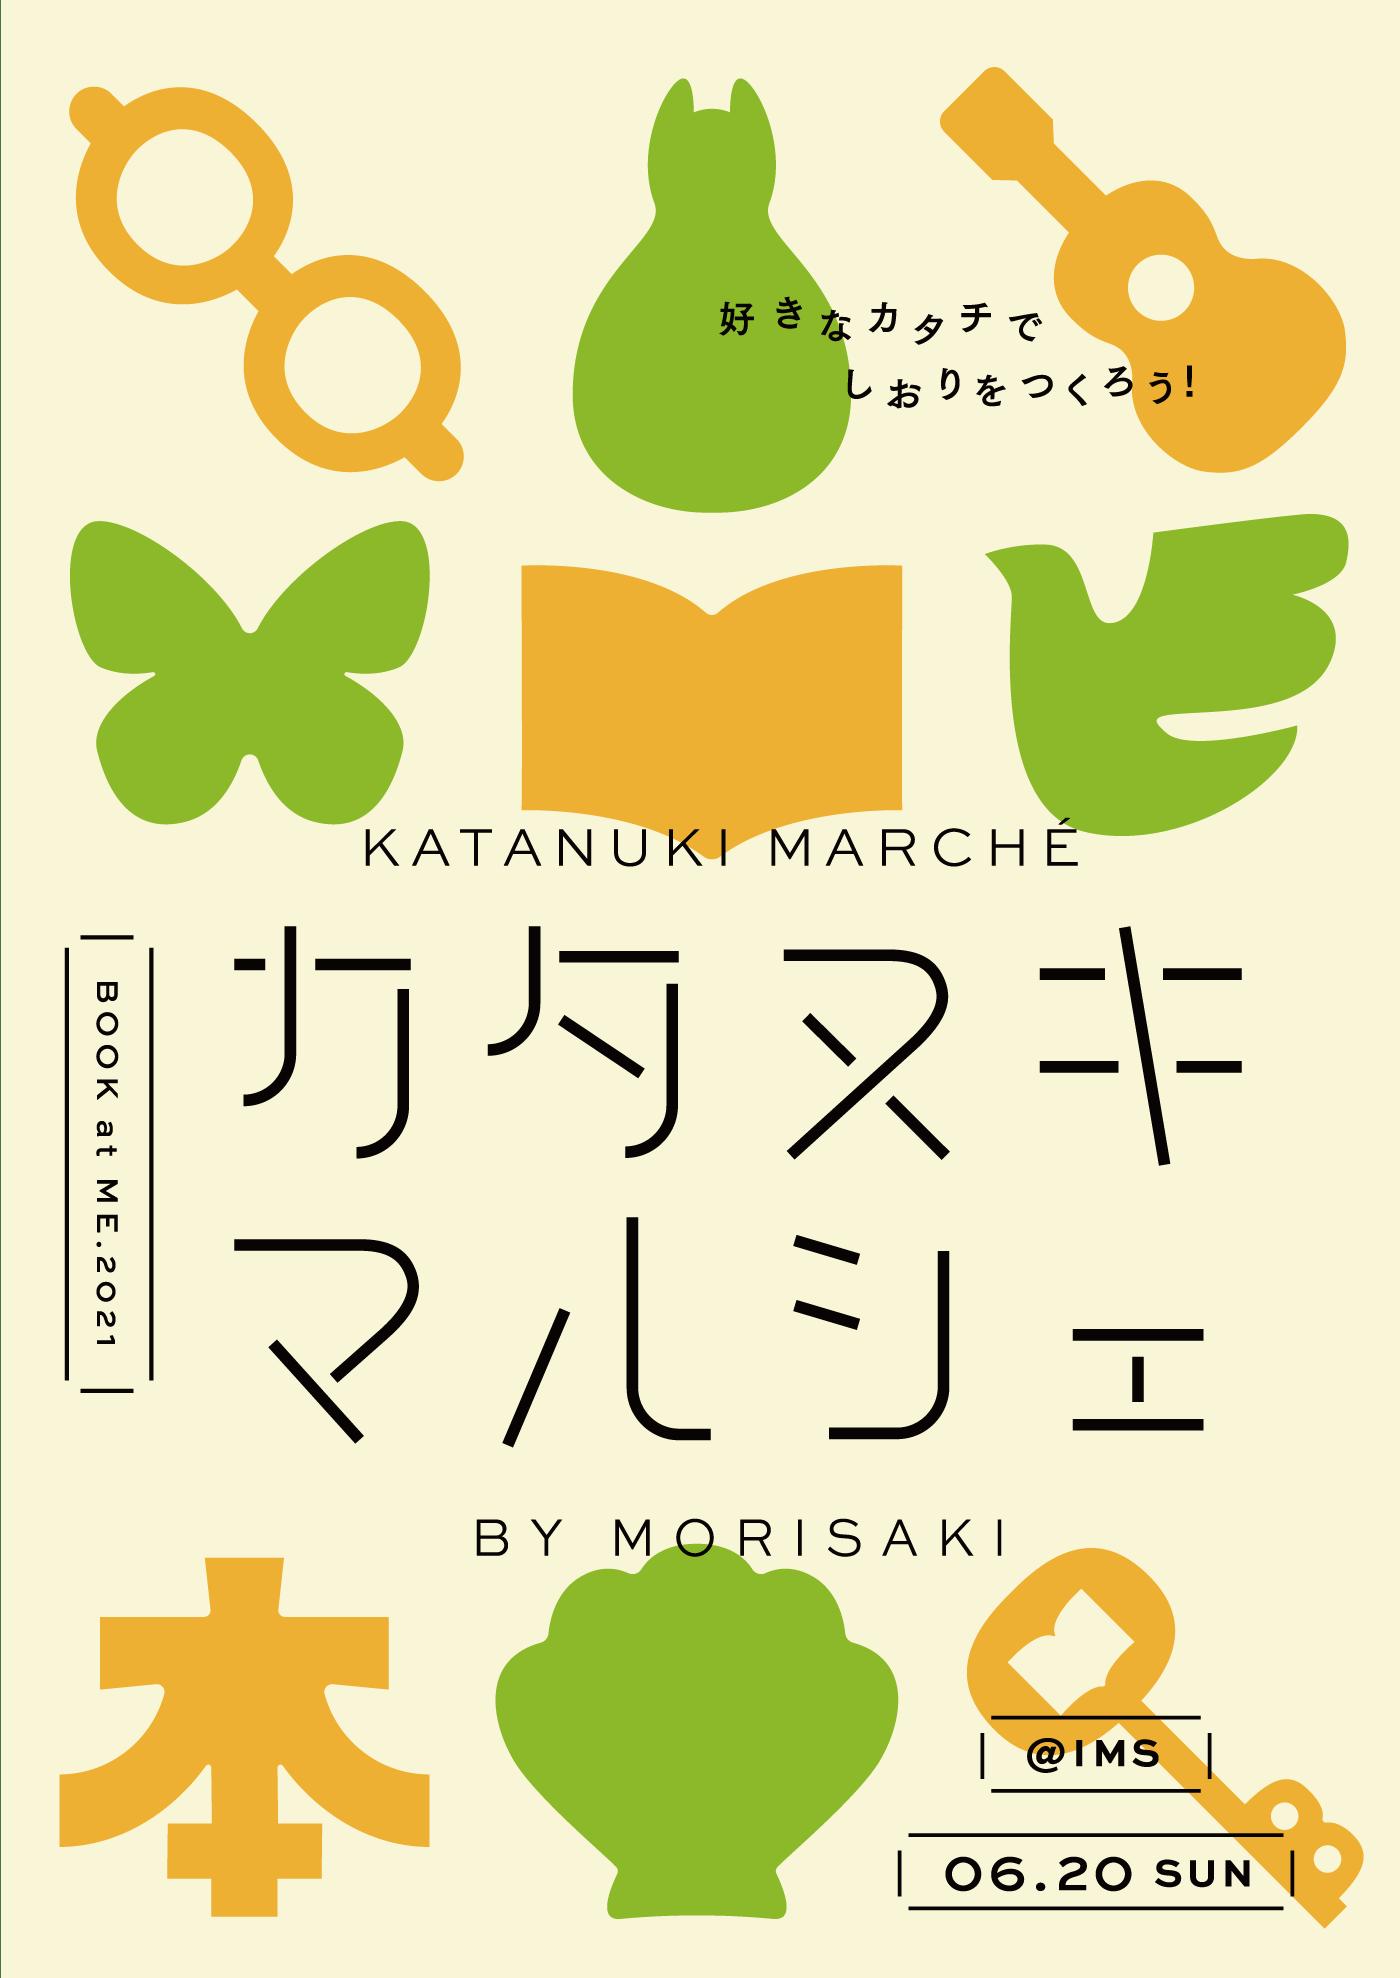 katanuki-marce